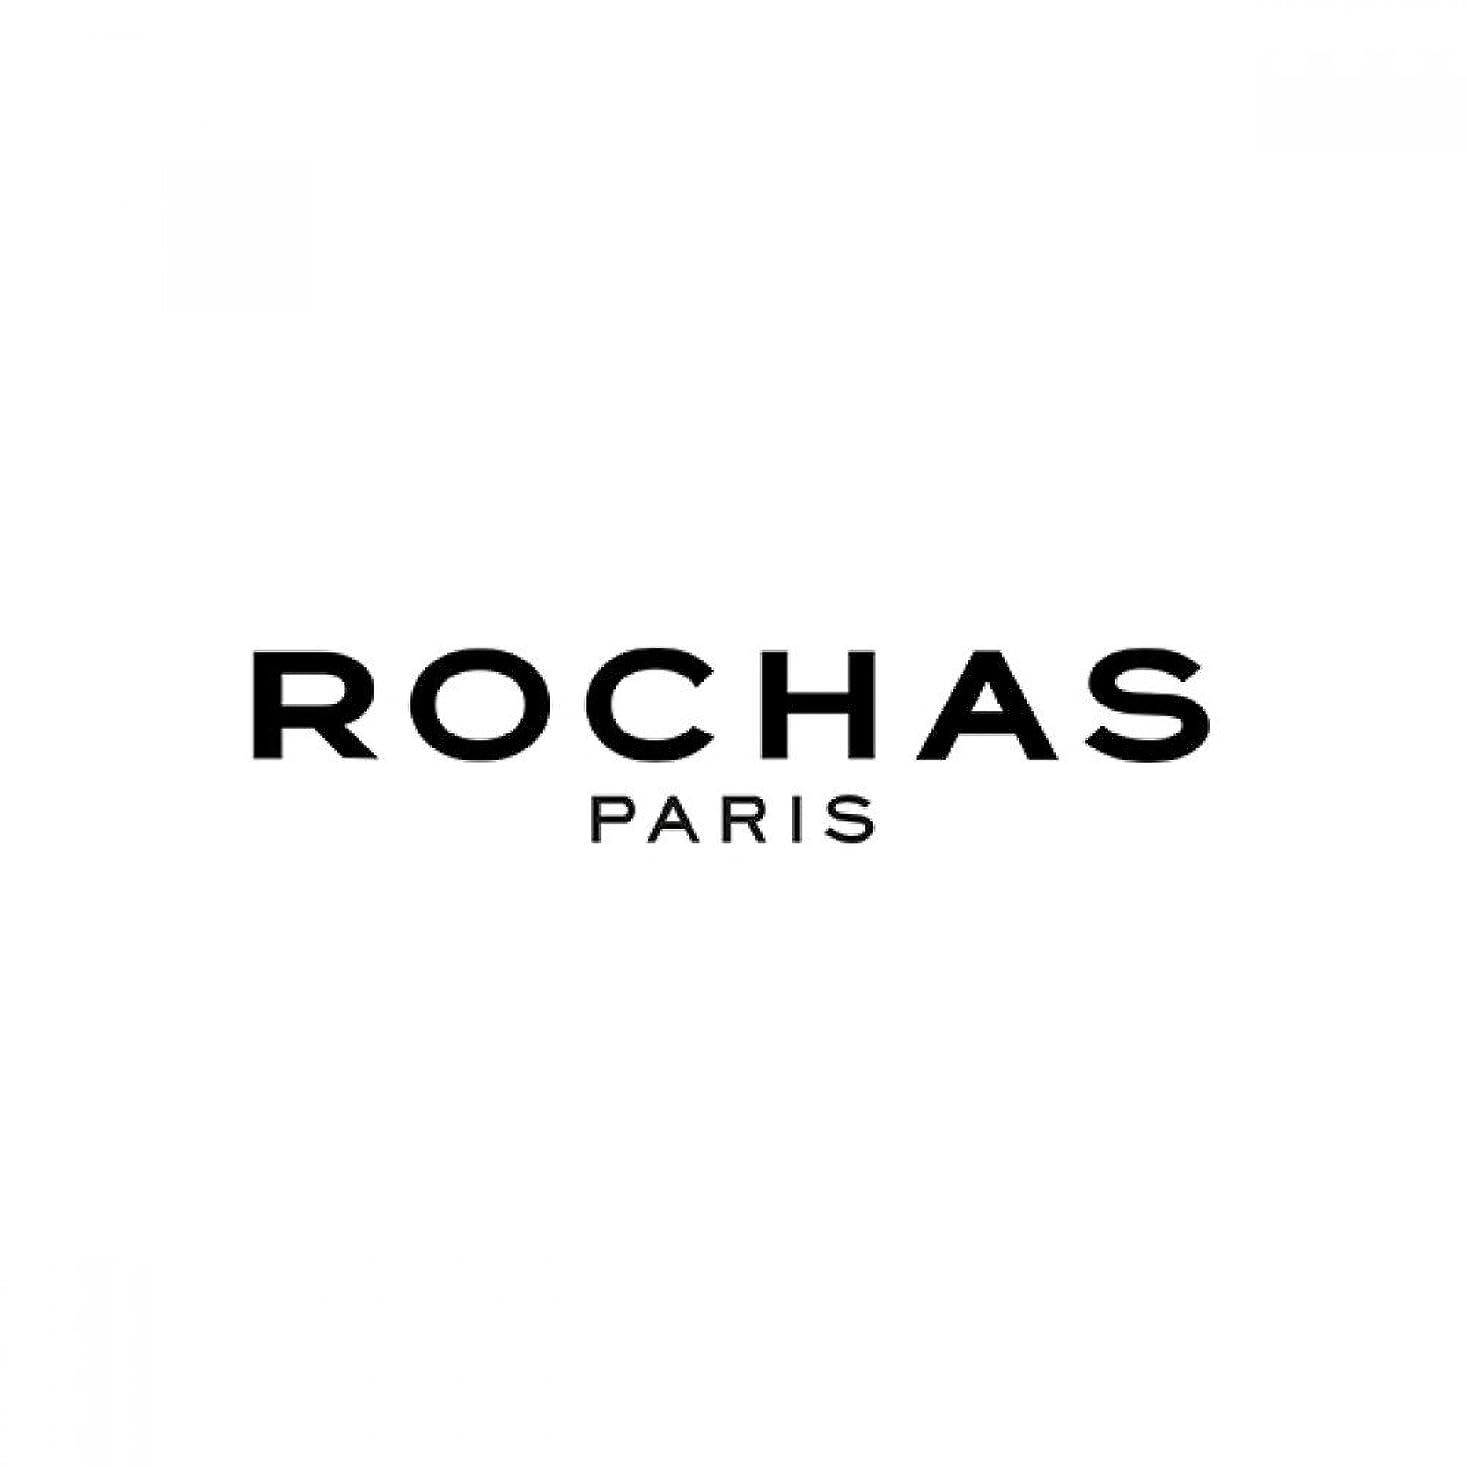 キャリア評判最後のロシャス ROCHAS オーデロシャス オム 50ml EDT SP オードトワレスプレー【並行輸入品】